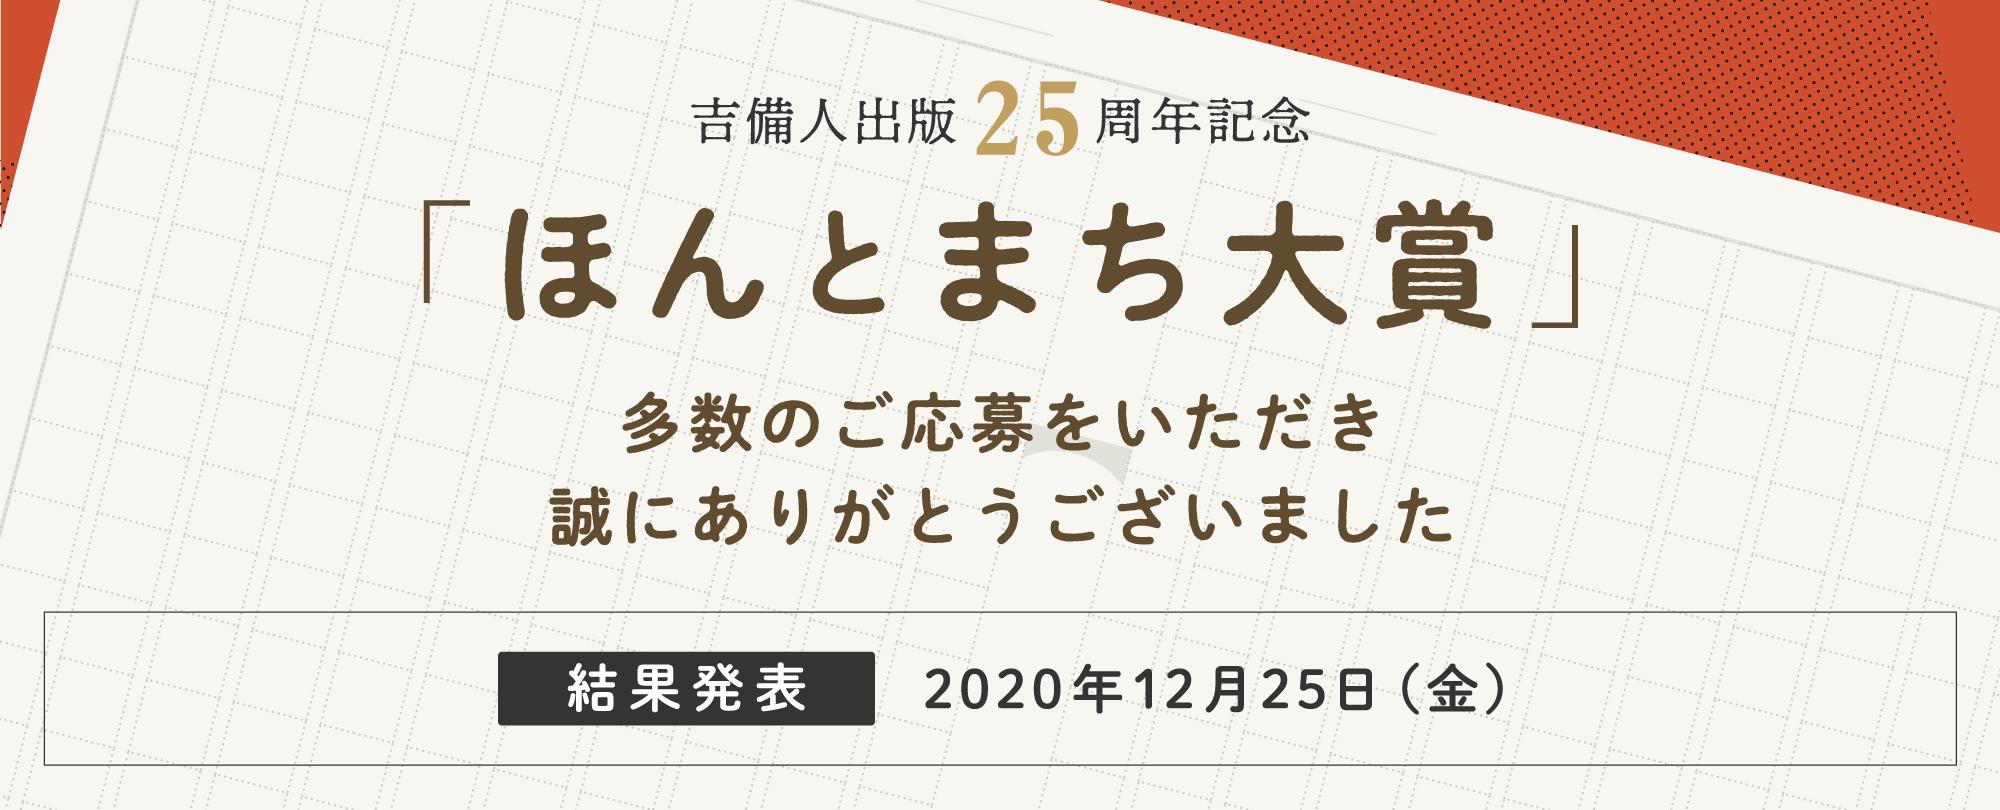 吉備人出版25周年記念 第3回「ほんとまち大賞」作品募集